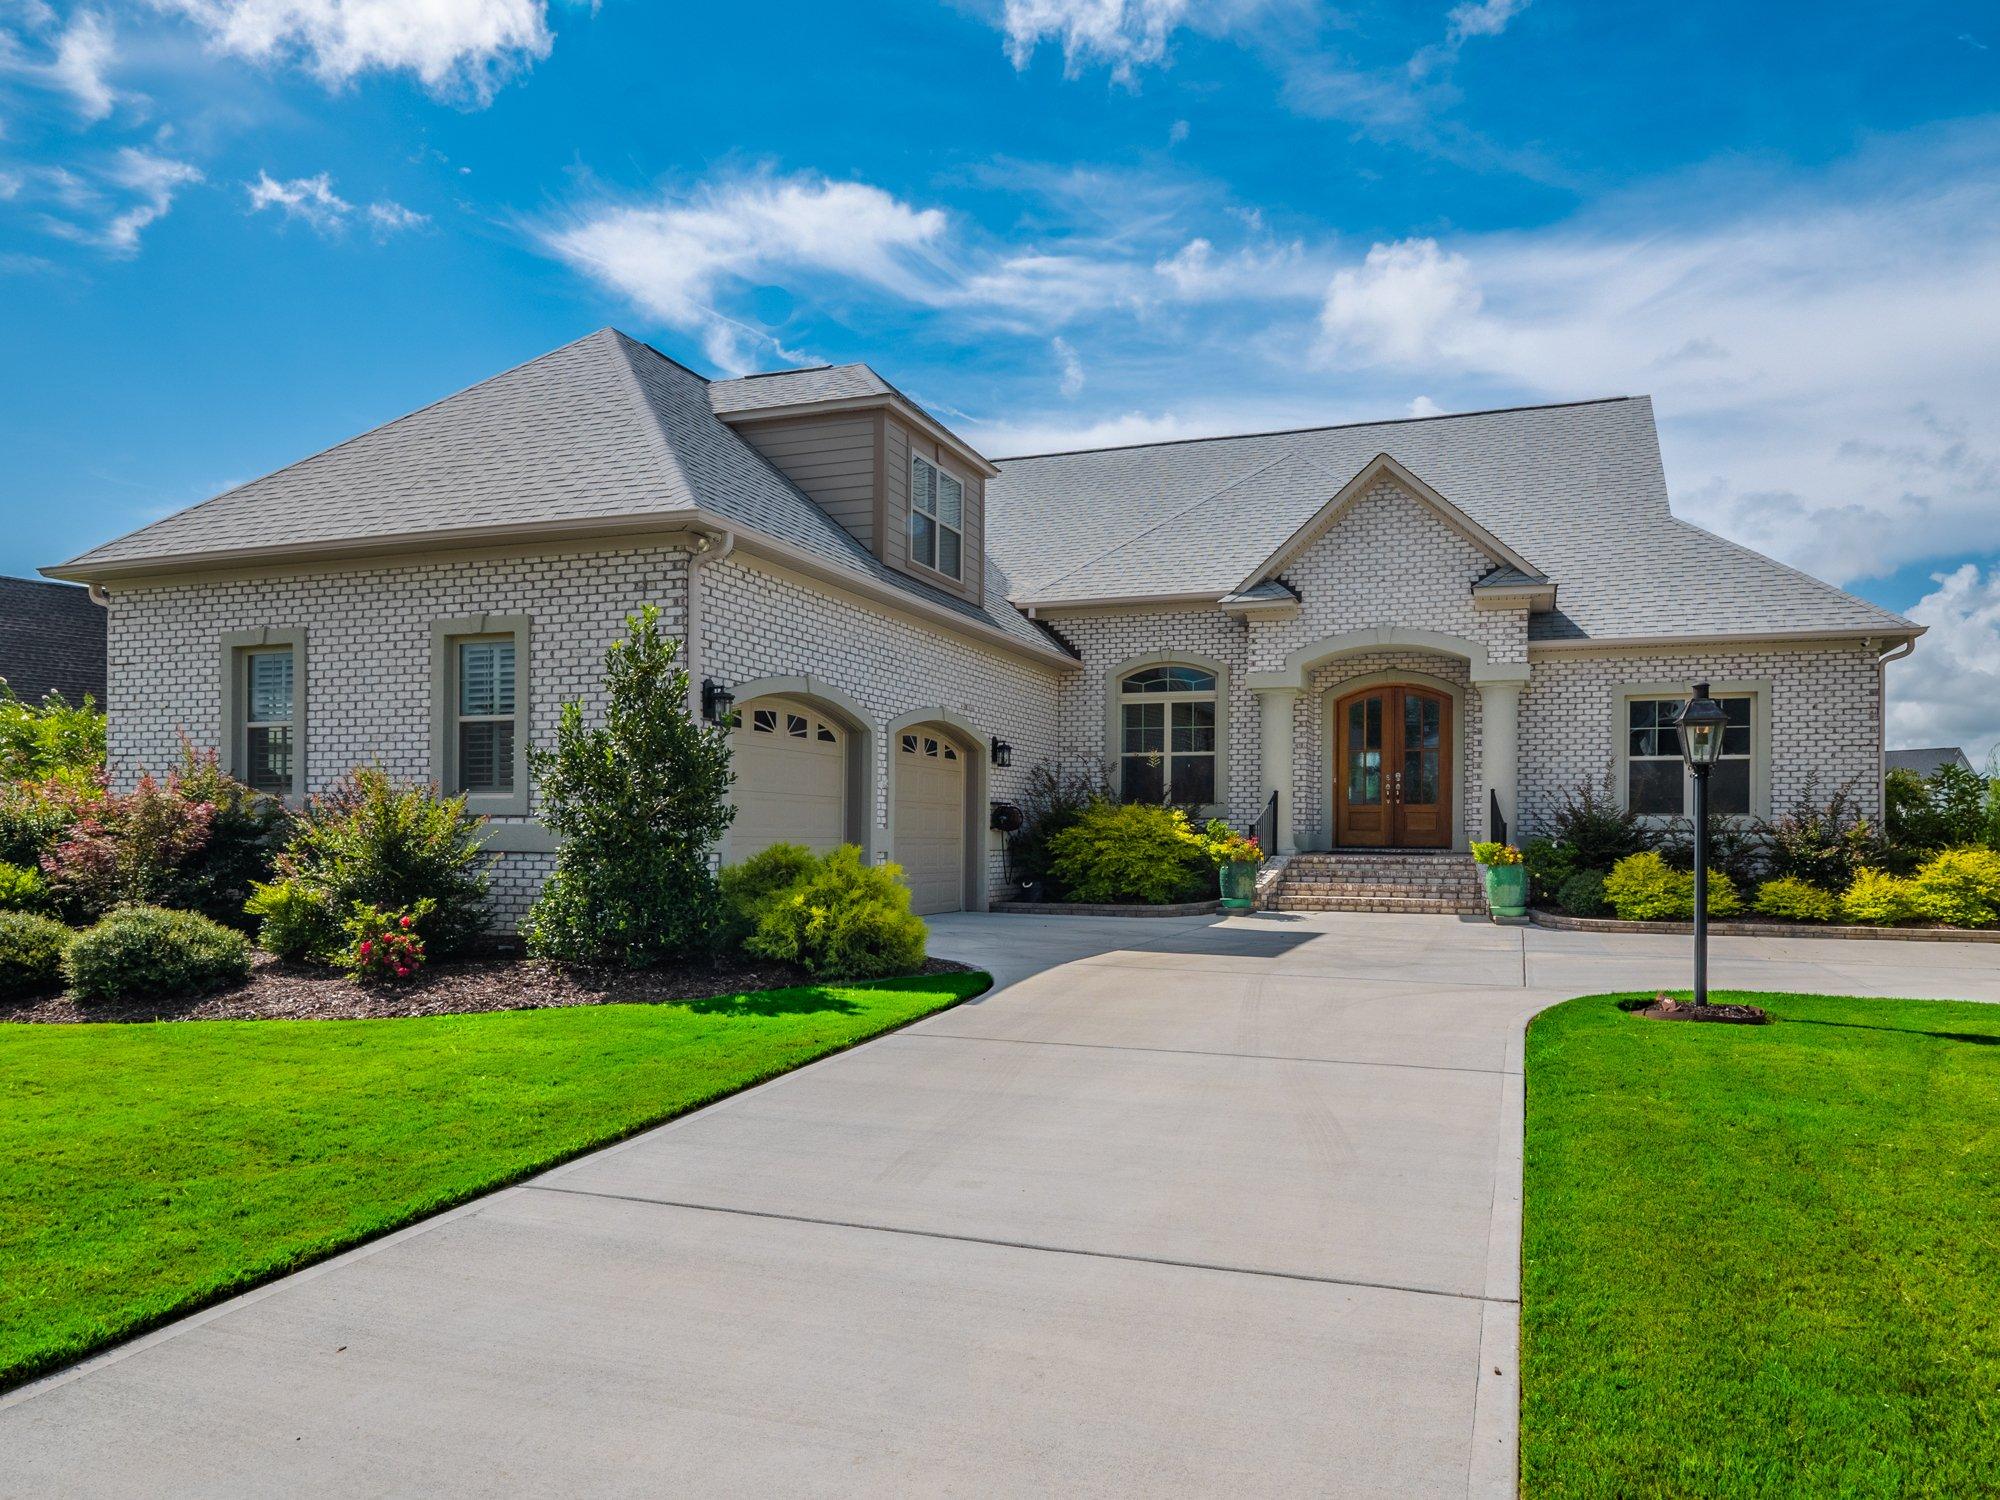 Дом в Леланд, Северная Каролина, Соединенные Штаты Америки 1 - 11594404